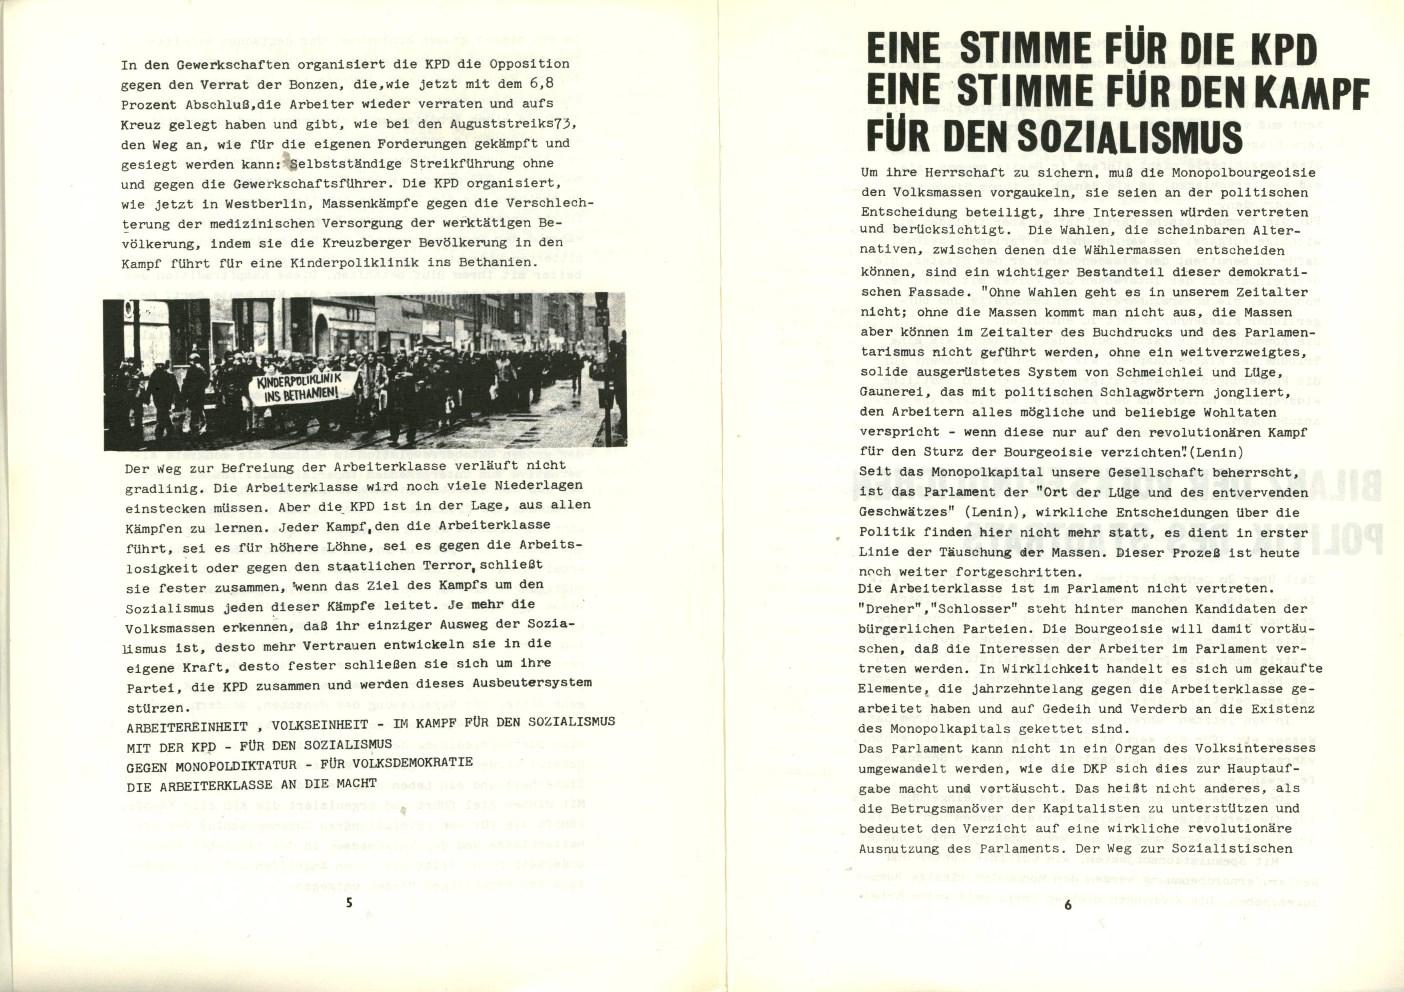 Mannheim_KPDAO_Kommunalwahlen_1975_04